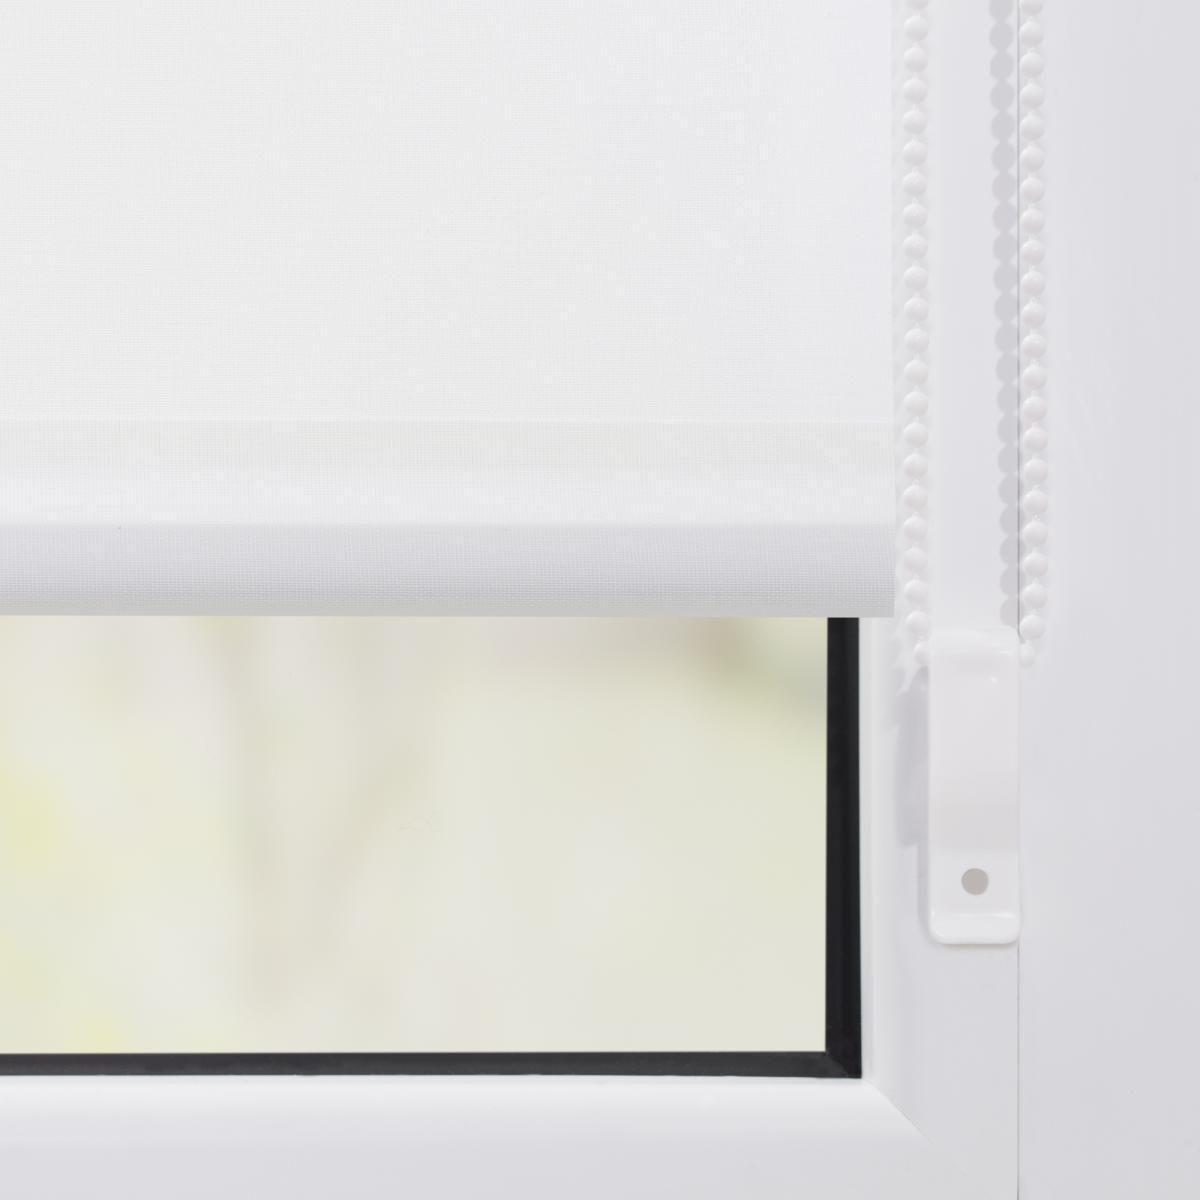 Bild 2 von Lichtblick Rollo Klemmfix, ohne Bohren, blickdicht, Rentiere Muster - Rot Weiß, 90 cm x 150 cm (B x